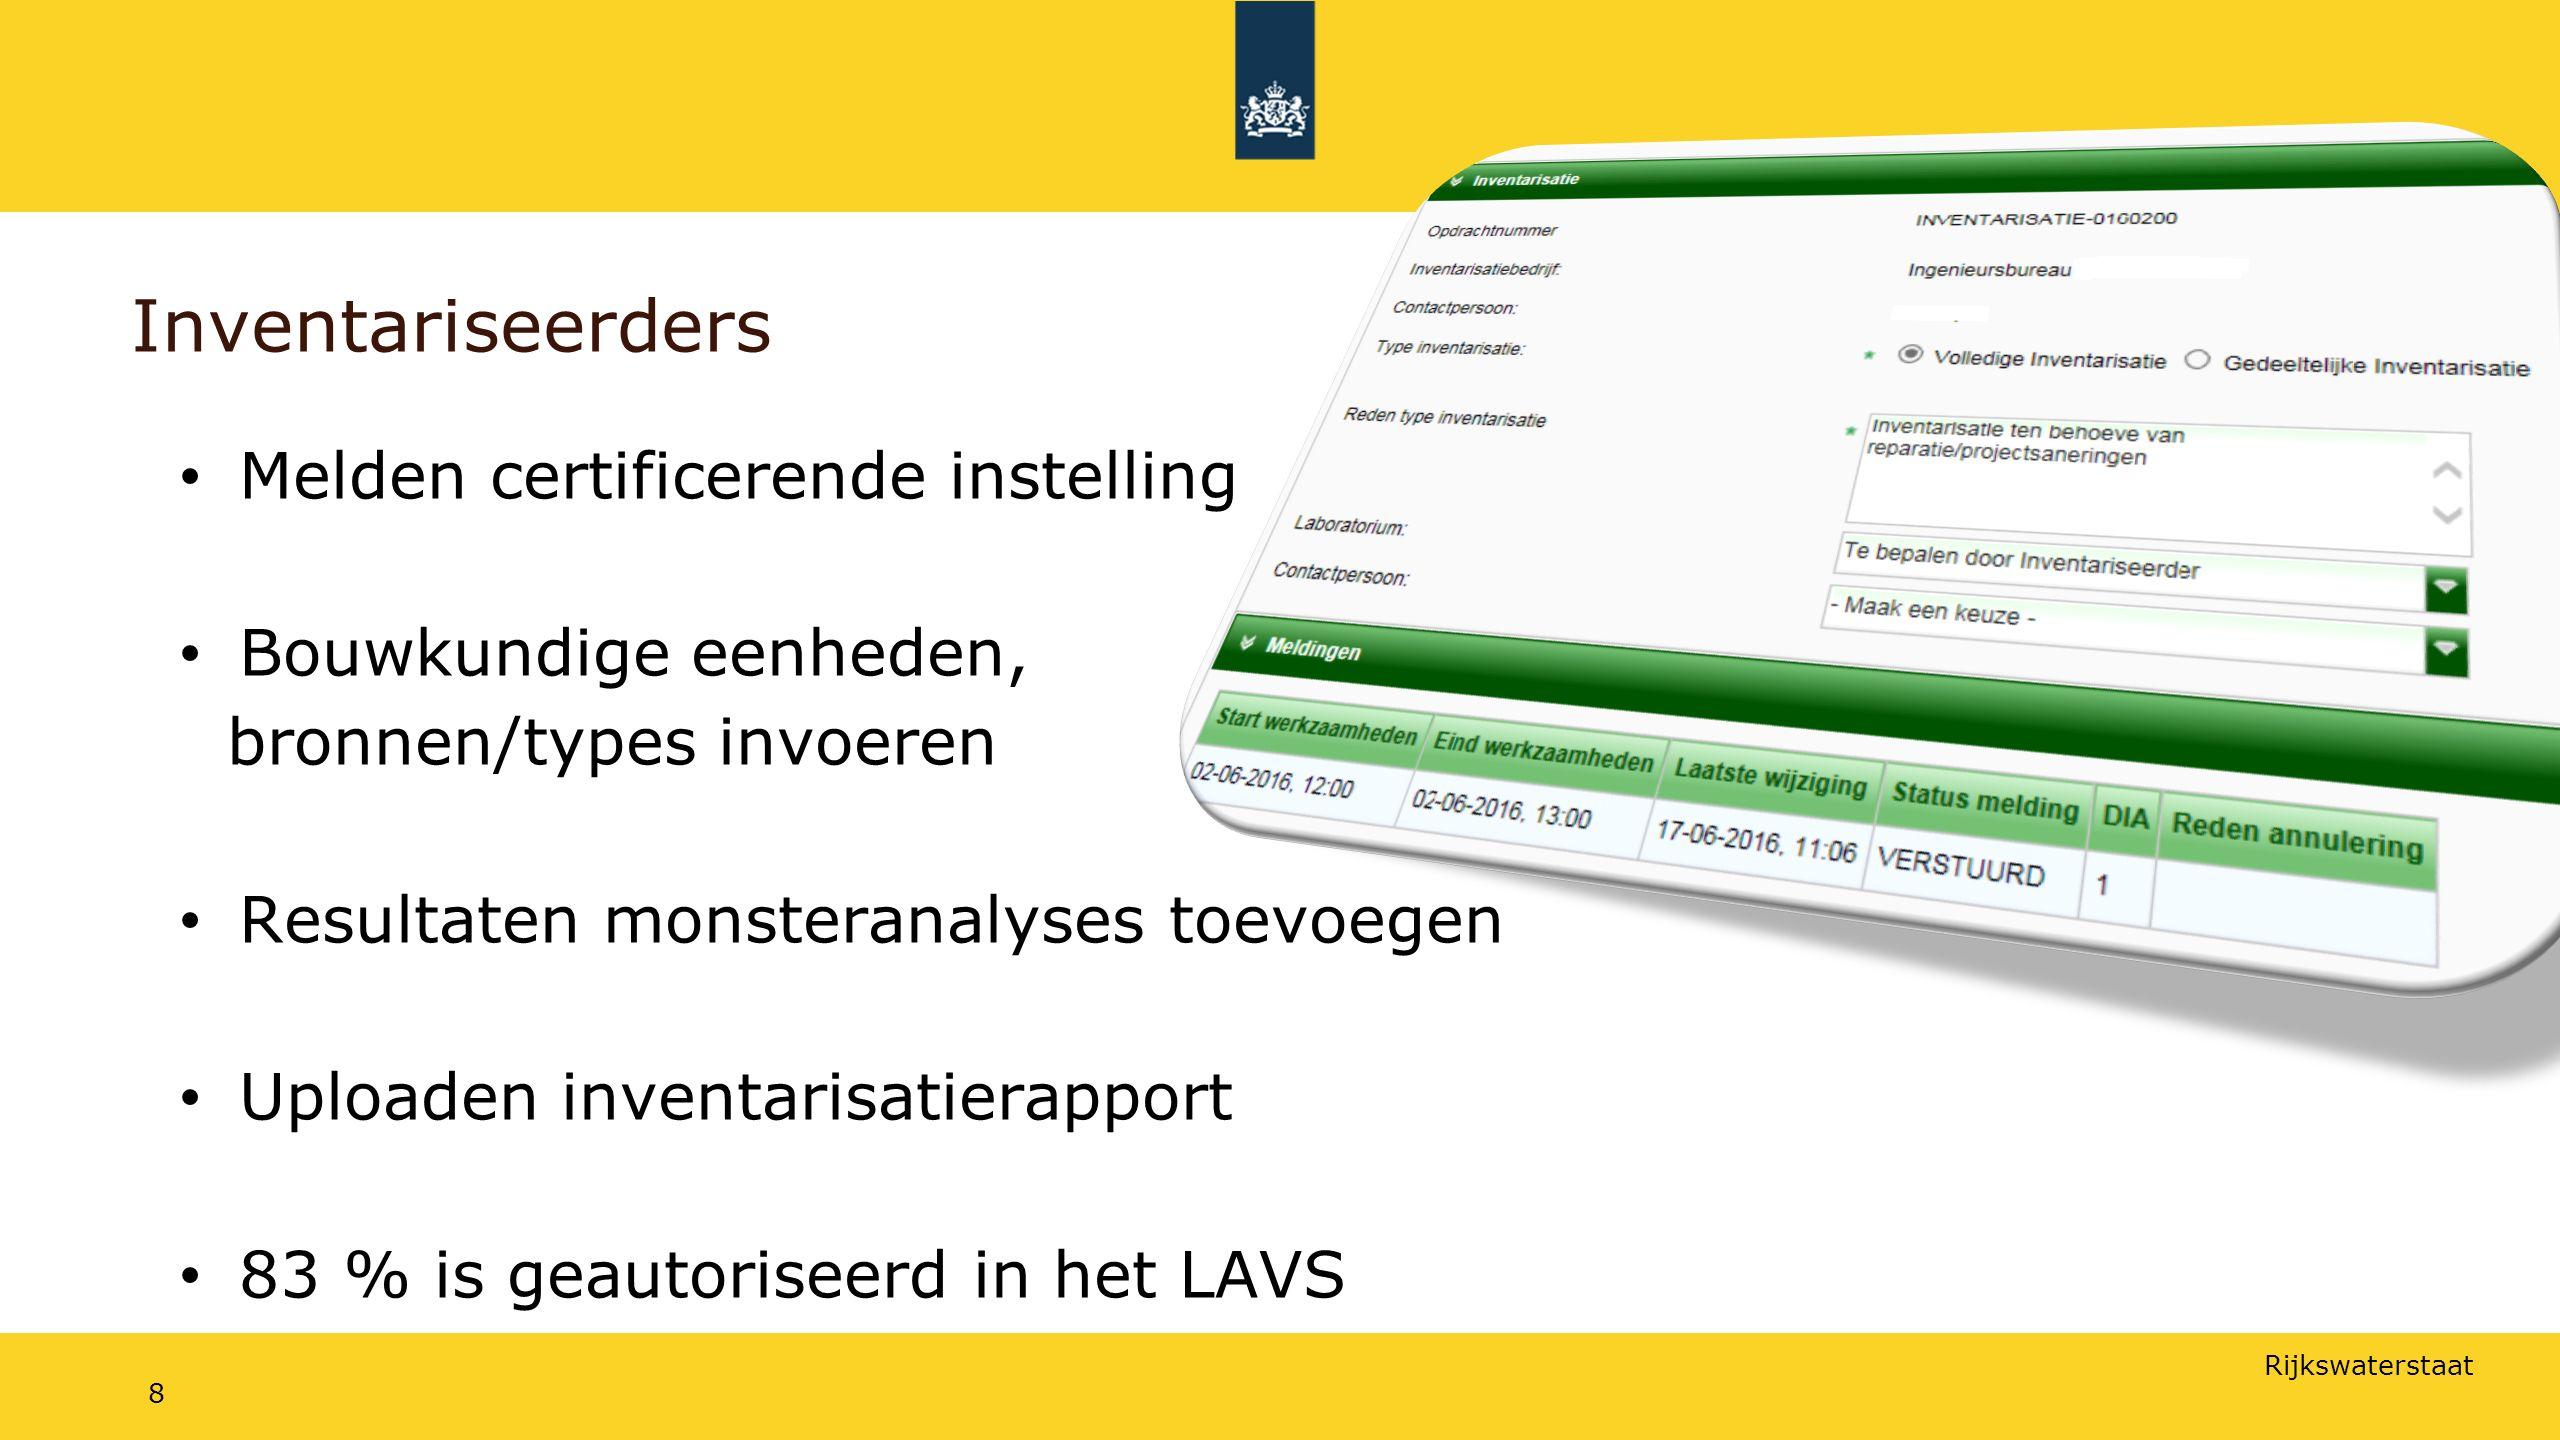 Rijkswaterstaat 8 Inventariseerders Melden certificerende instelling Bouwkundige eenheden, bronnen/types invoeren Resultaten monsteranalyses toevoegen Uploaden inventarisatierapport 83 % is geautoriseerd in het LAVS